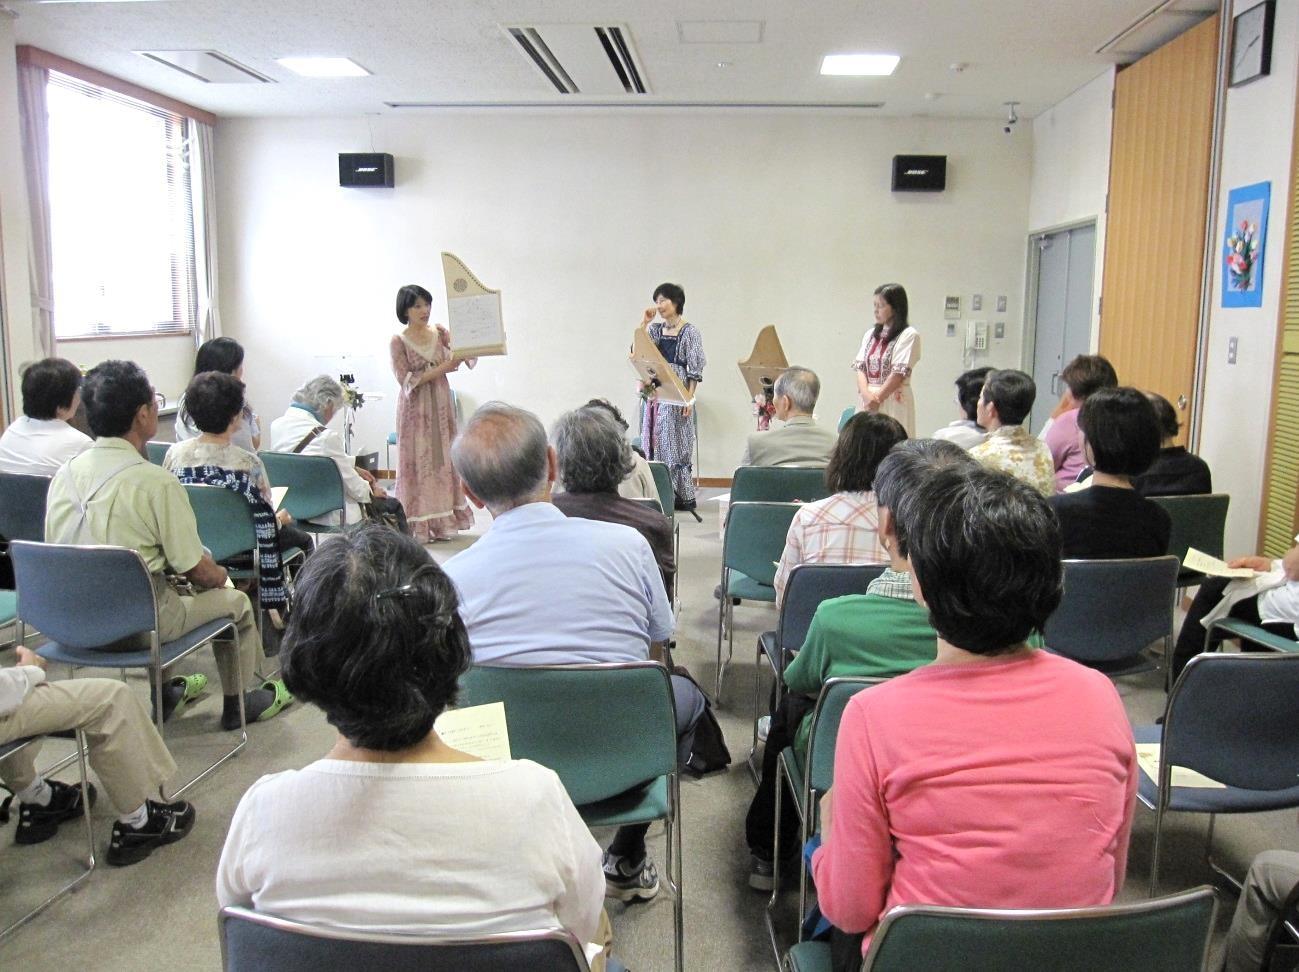 初夏の朗読コンサート(高井戸図書館)終演しました。_e0173350_2261358.jpg